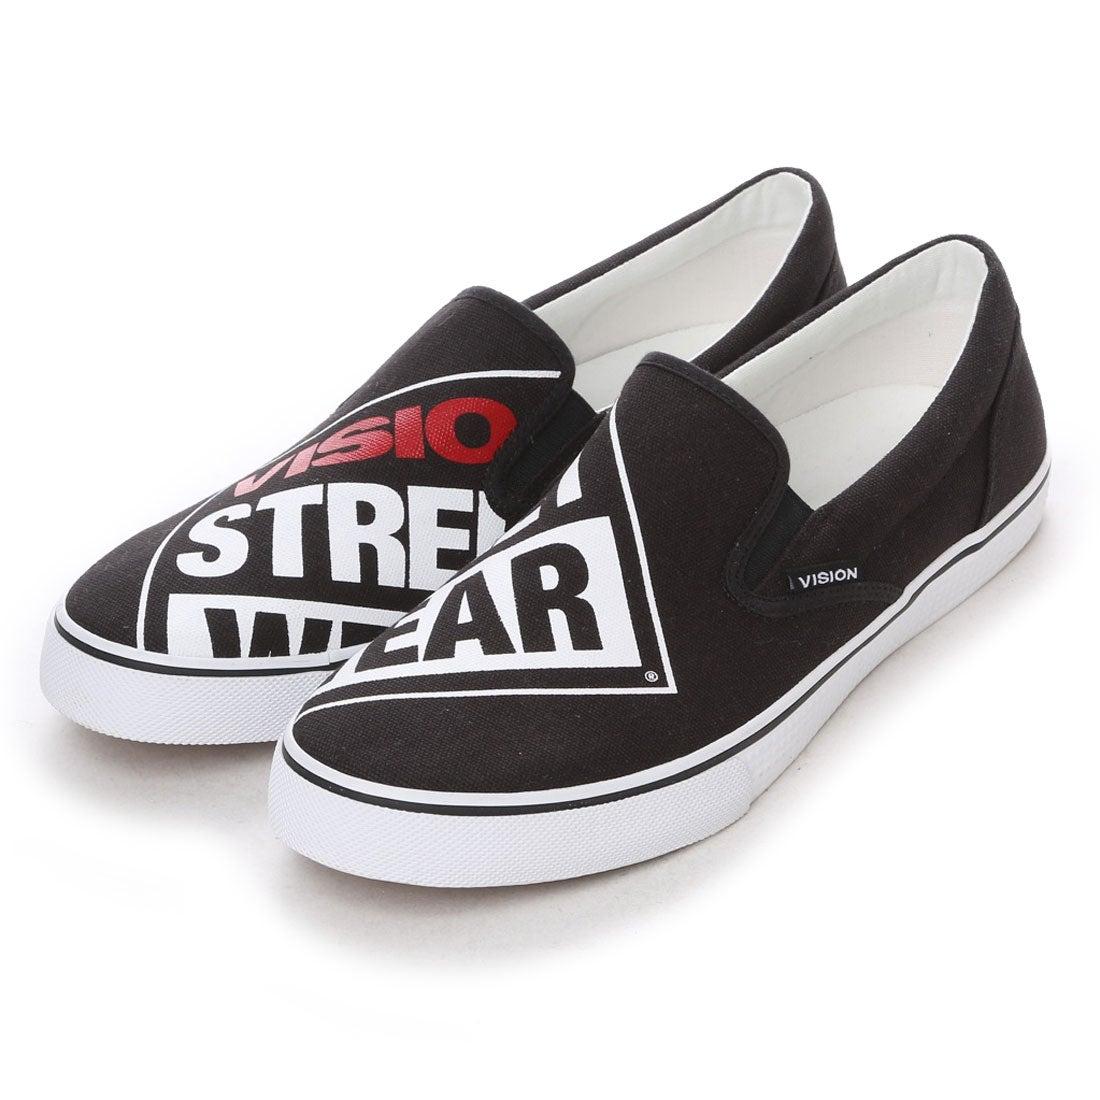 ビジョン ストリート ウェア VISION STREET WEAR アヴィラ (ブラック) ,靴とファッションの通販サイト ロコンド